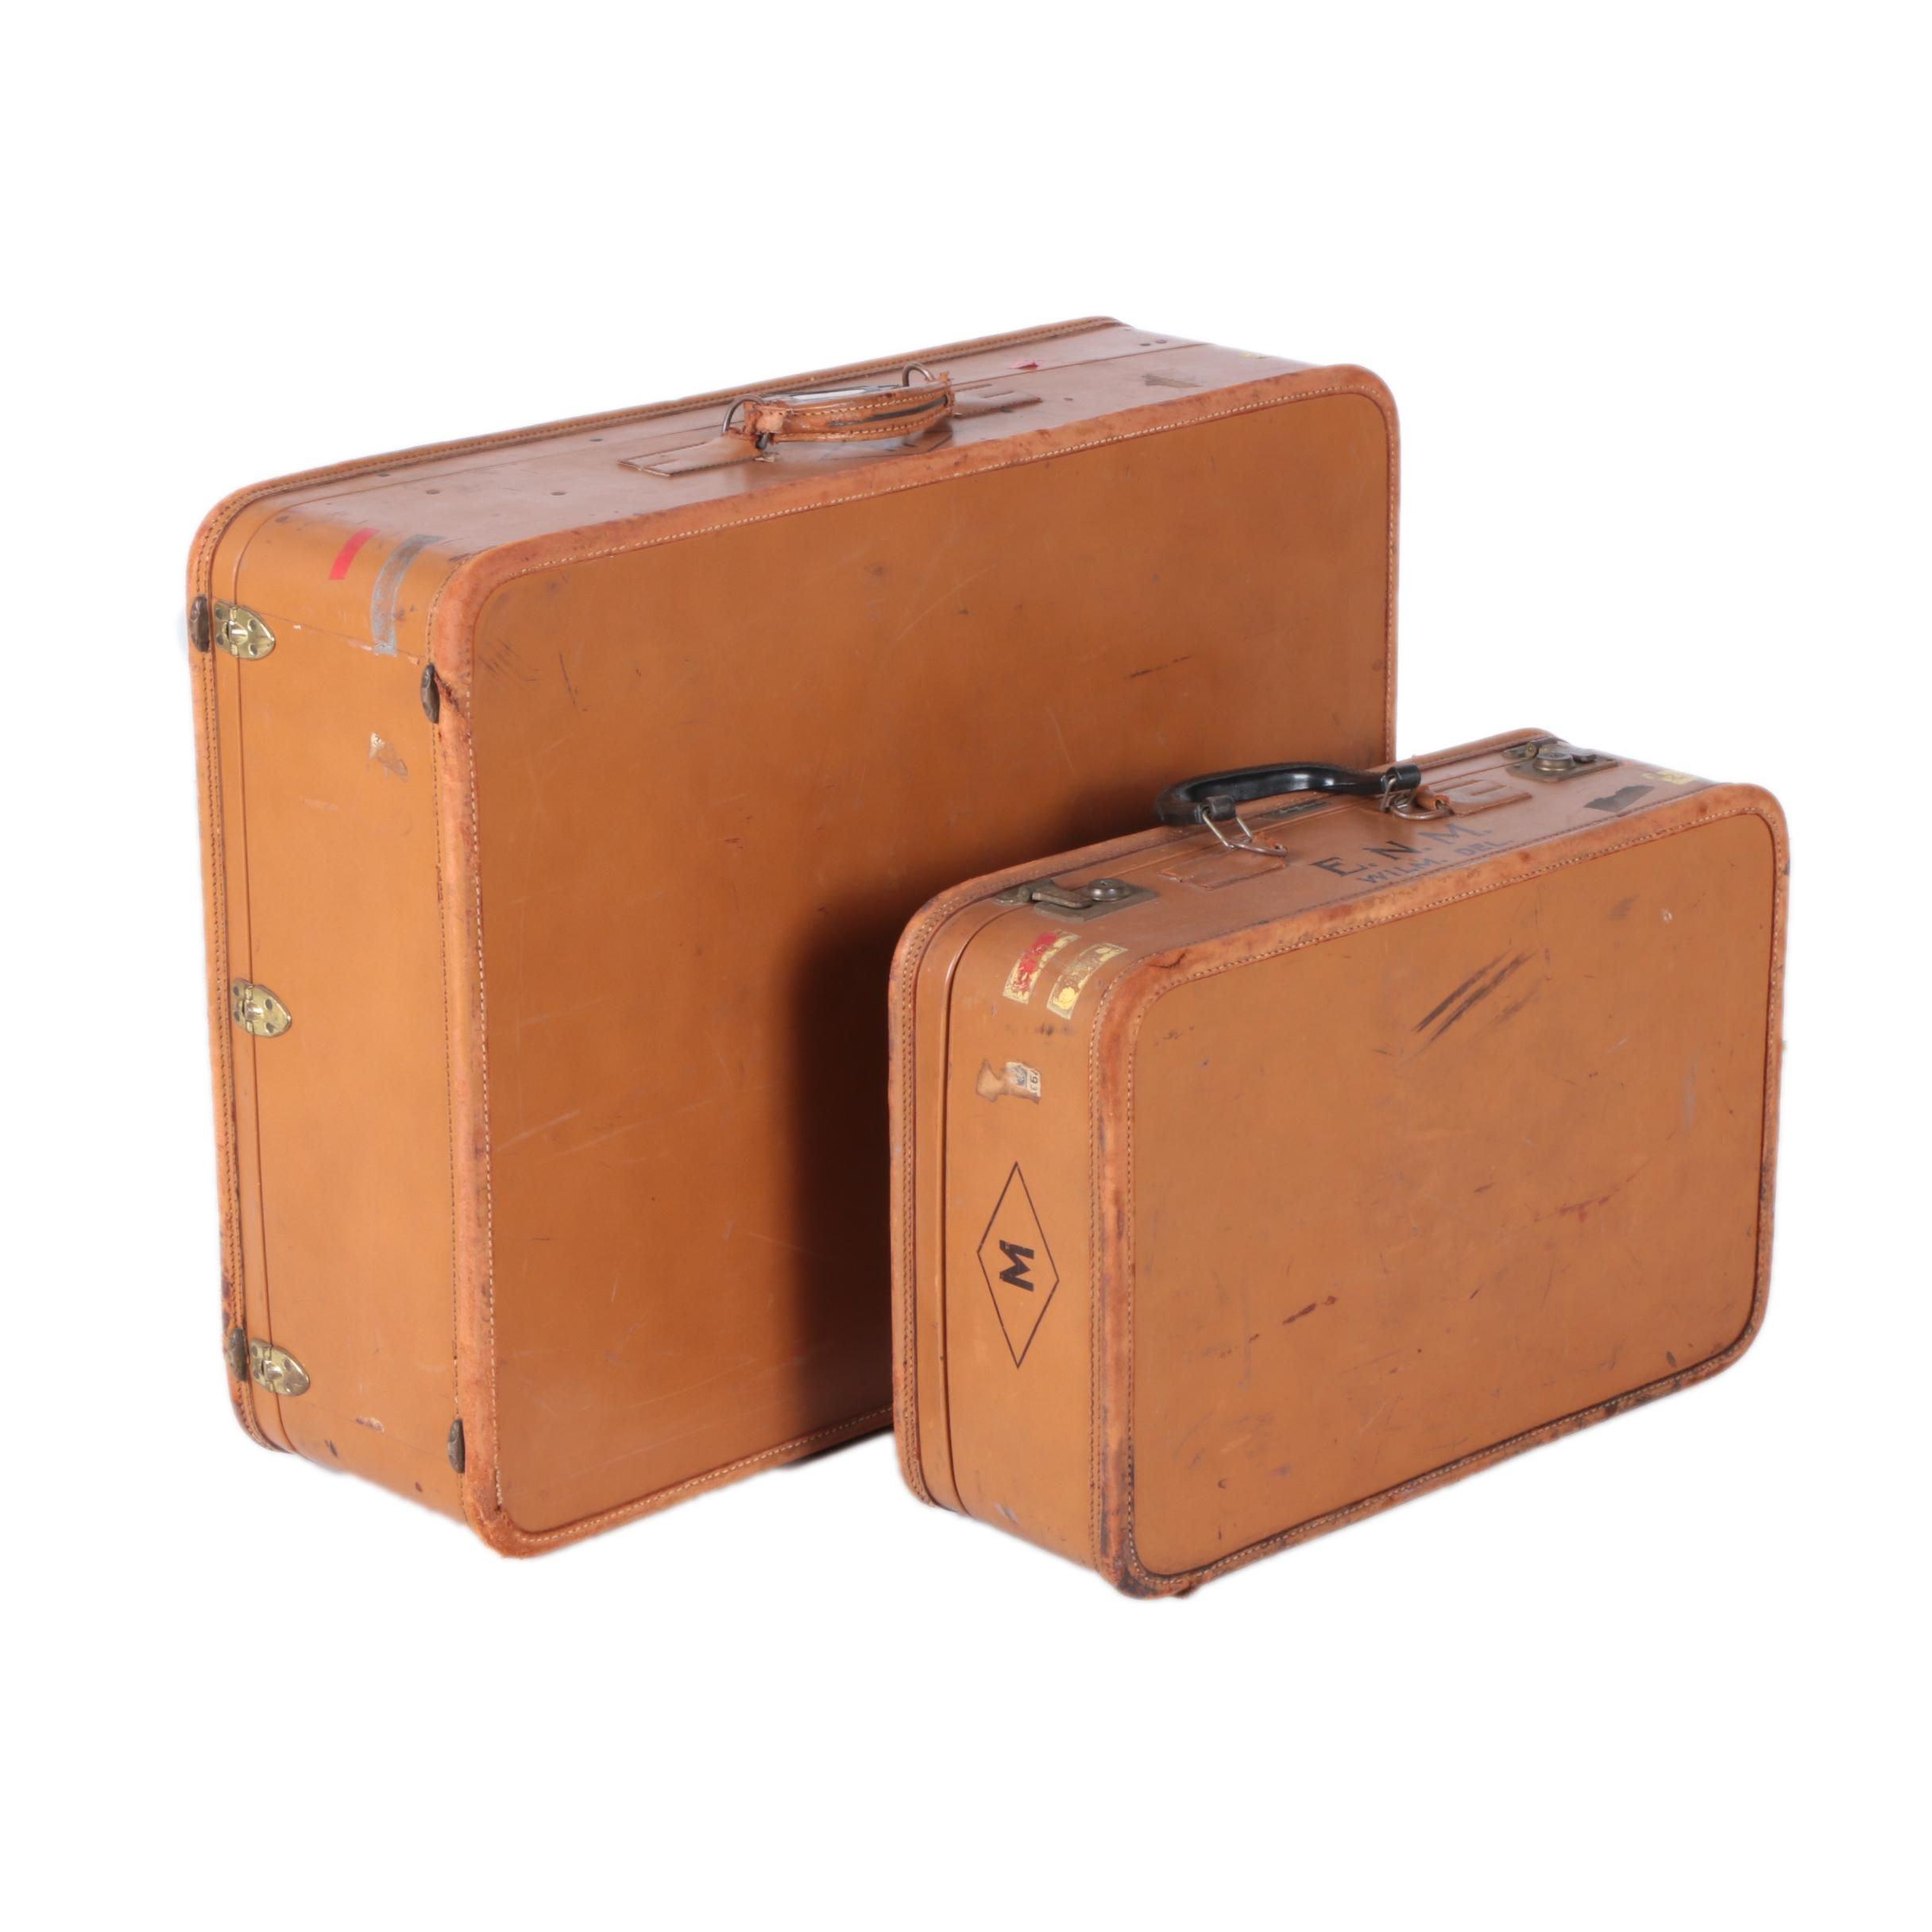 Vintage Amelia Earhart Luggage